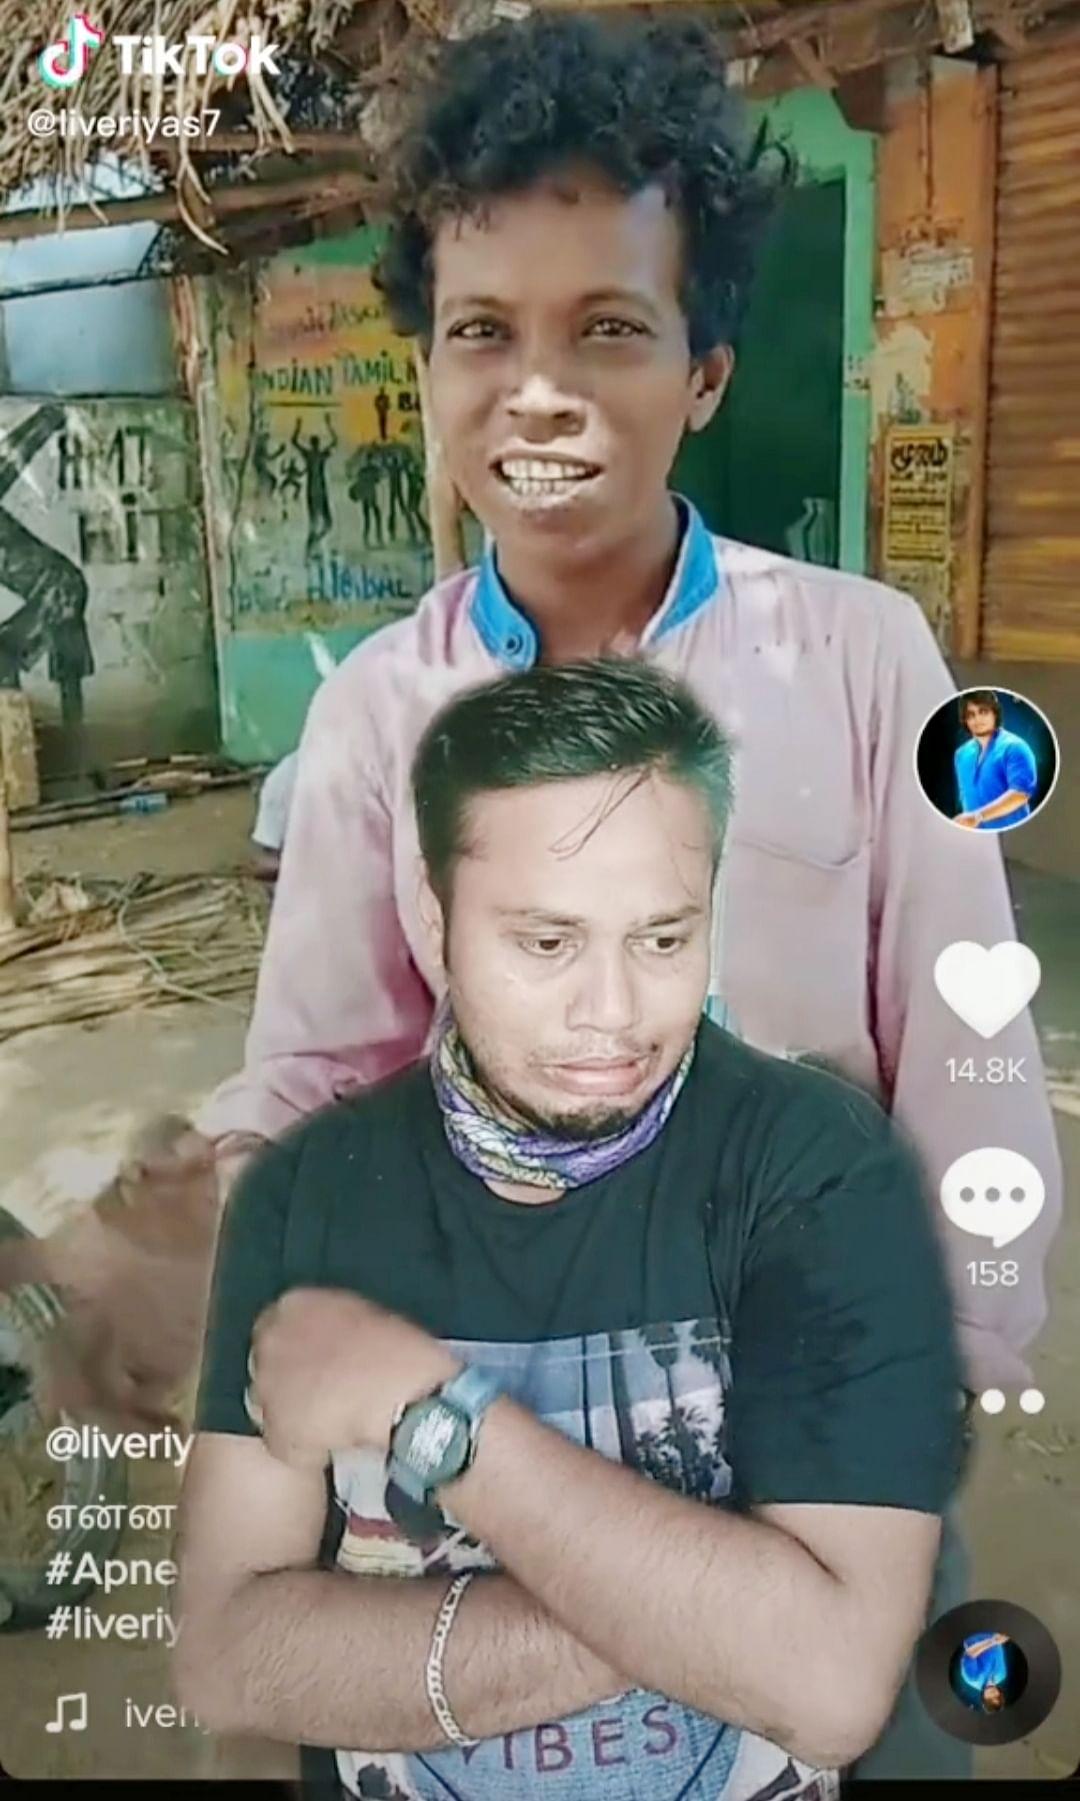 ரியாஸ் பதிவு செய்த வீடியோ